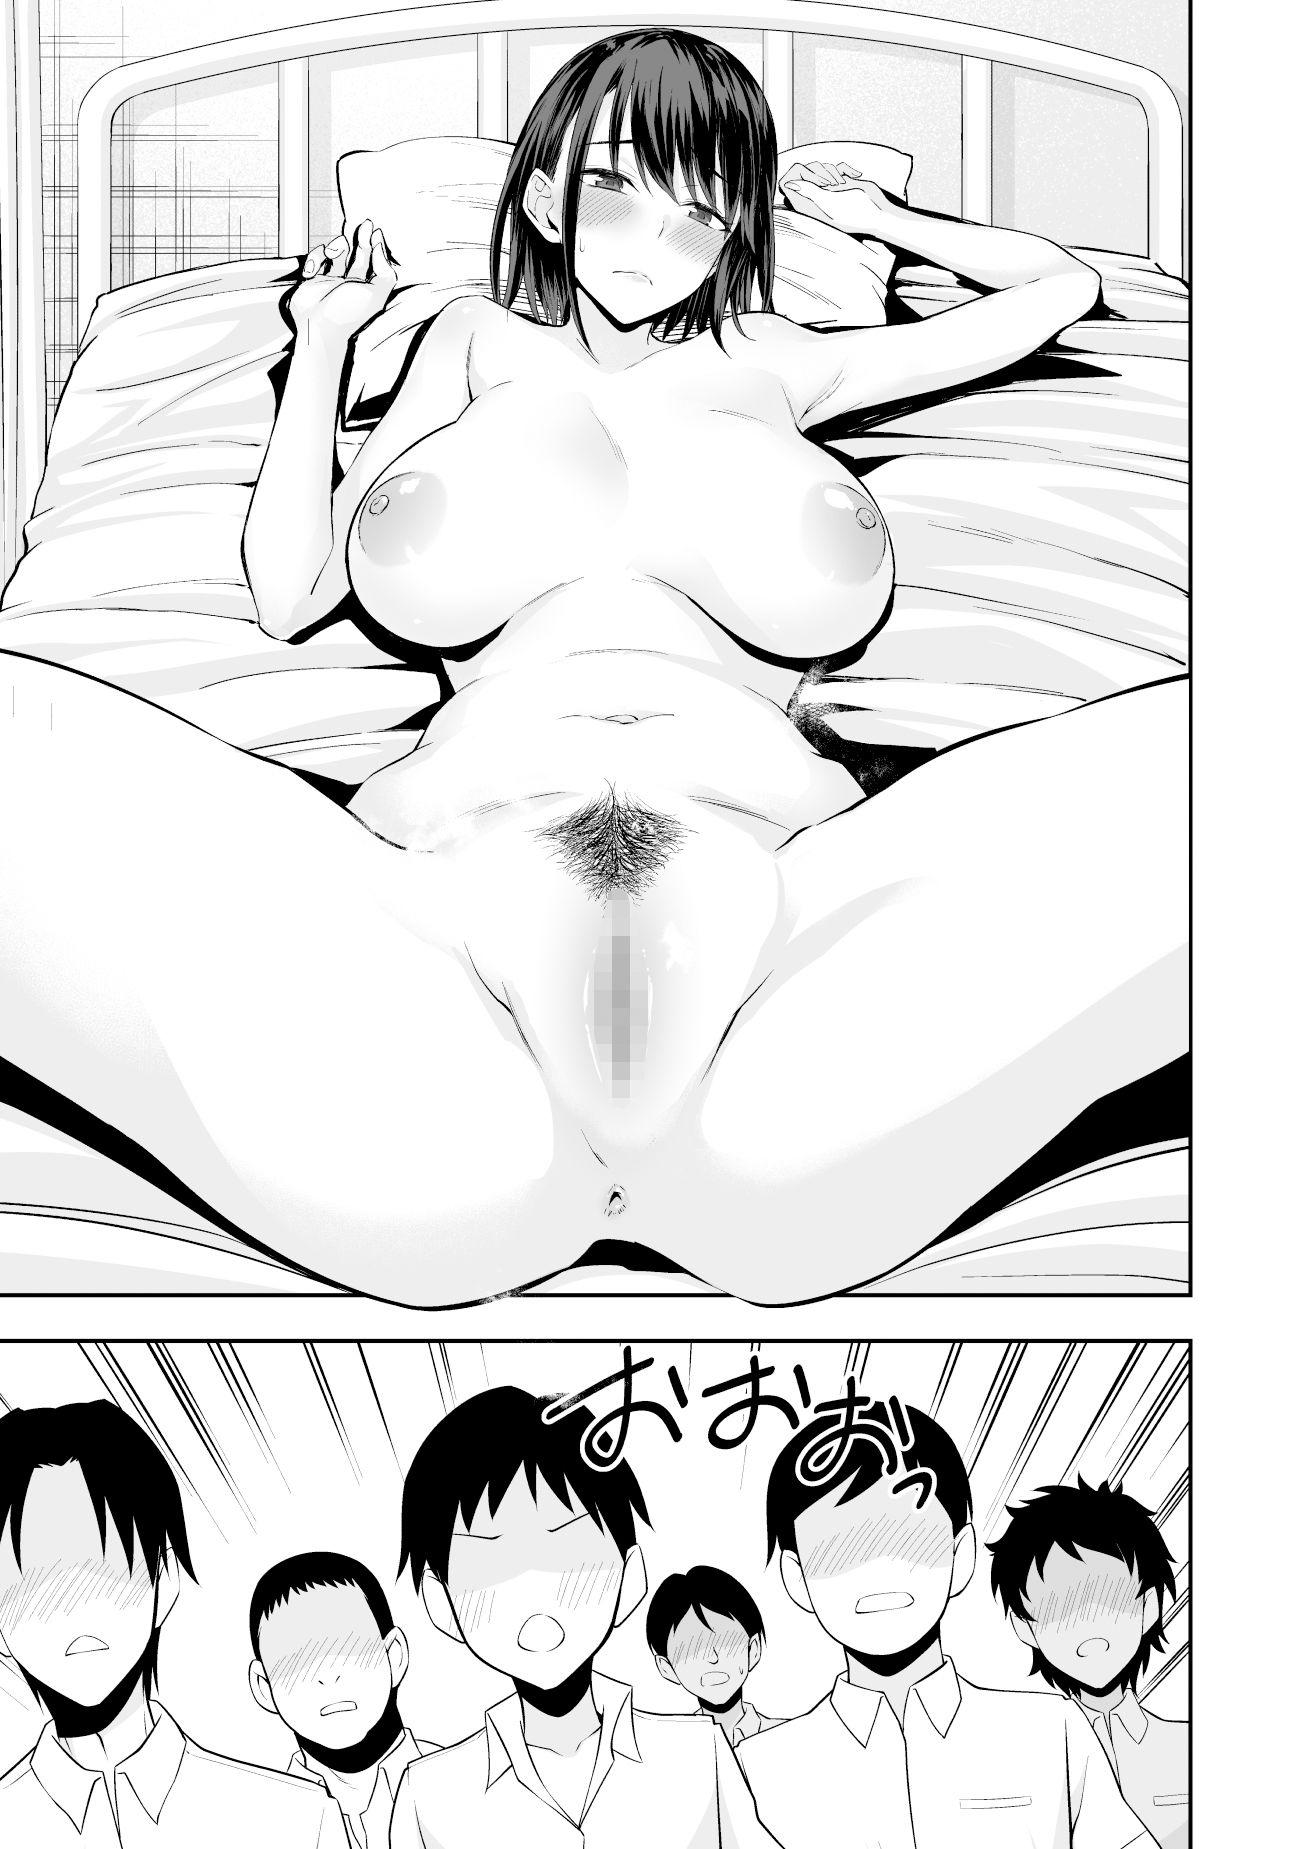 【エロ漫画無料大全集】彼氏とデートを満喫した翌日→男子生徒の性処理をし、オナホとなる日々が始まることに…